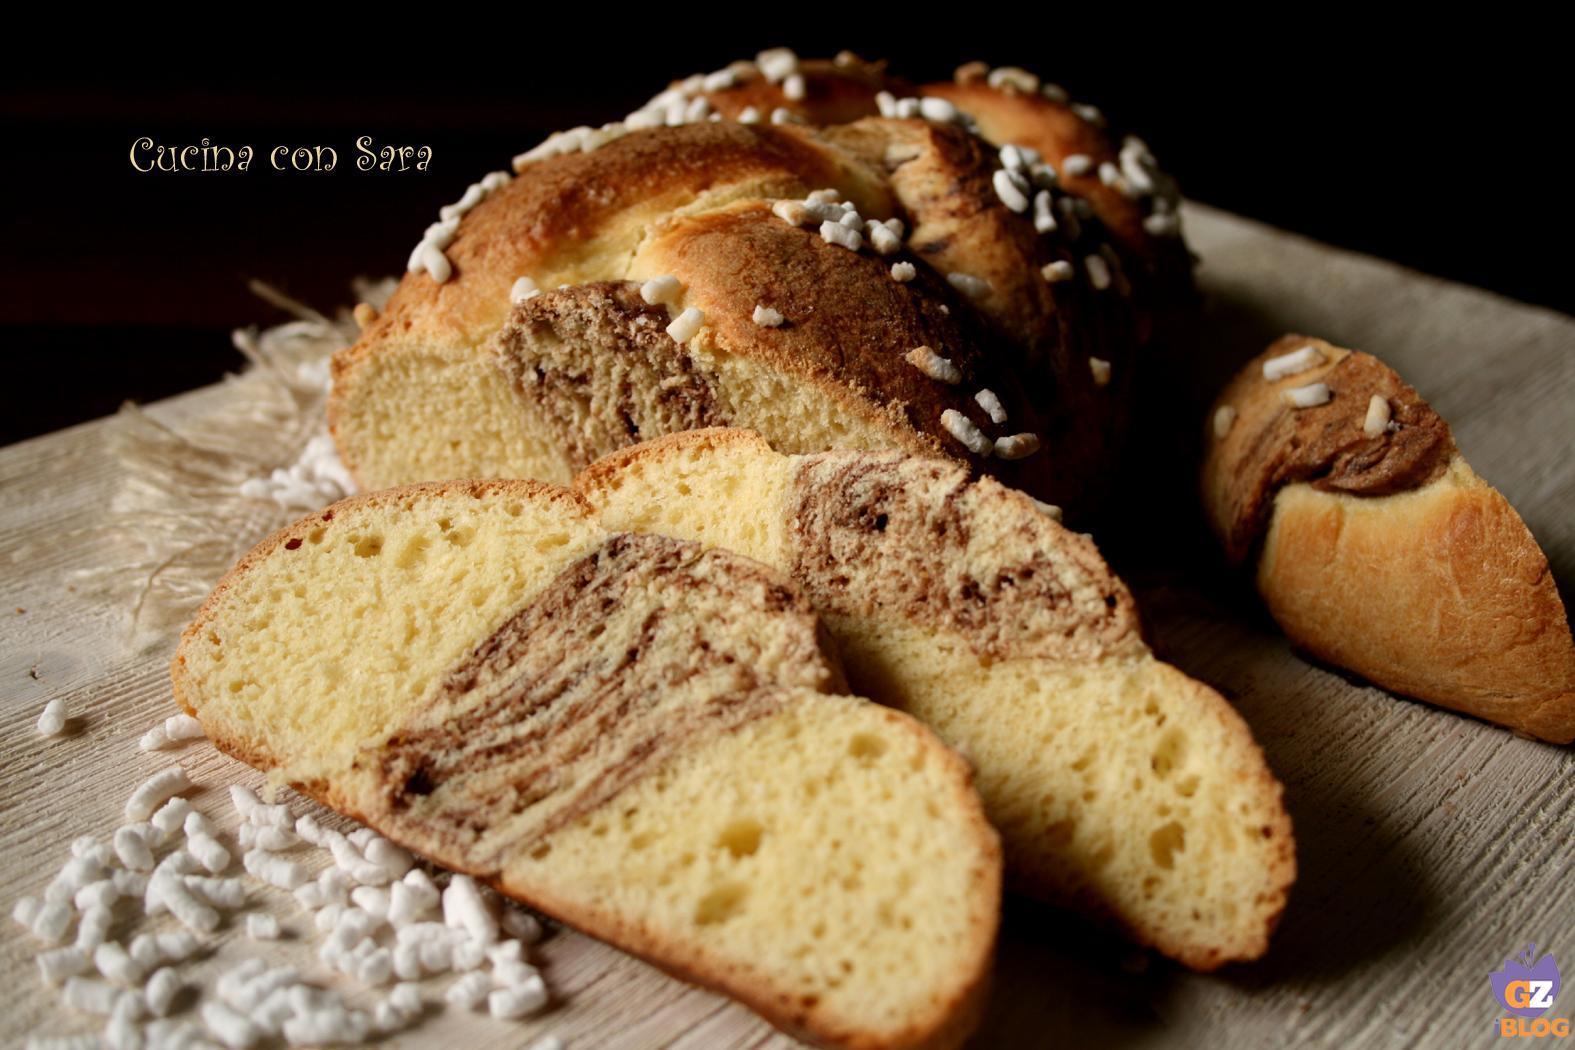 treccia di pan brioche, cucina con sara